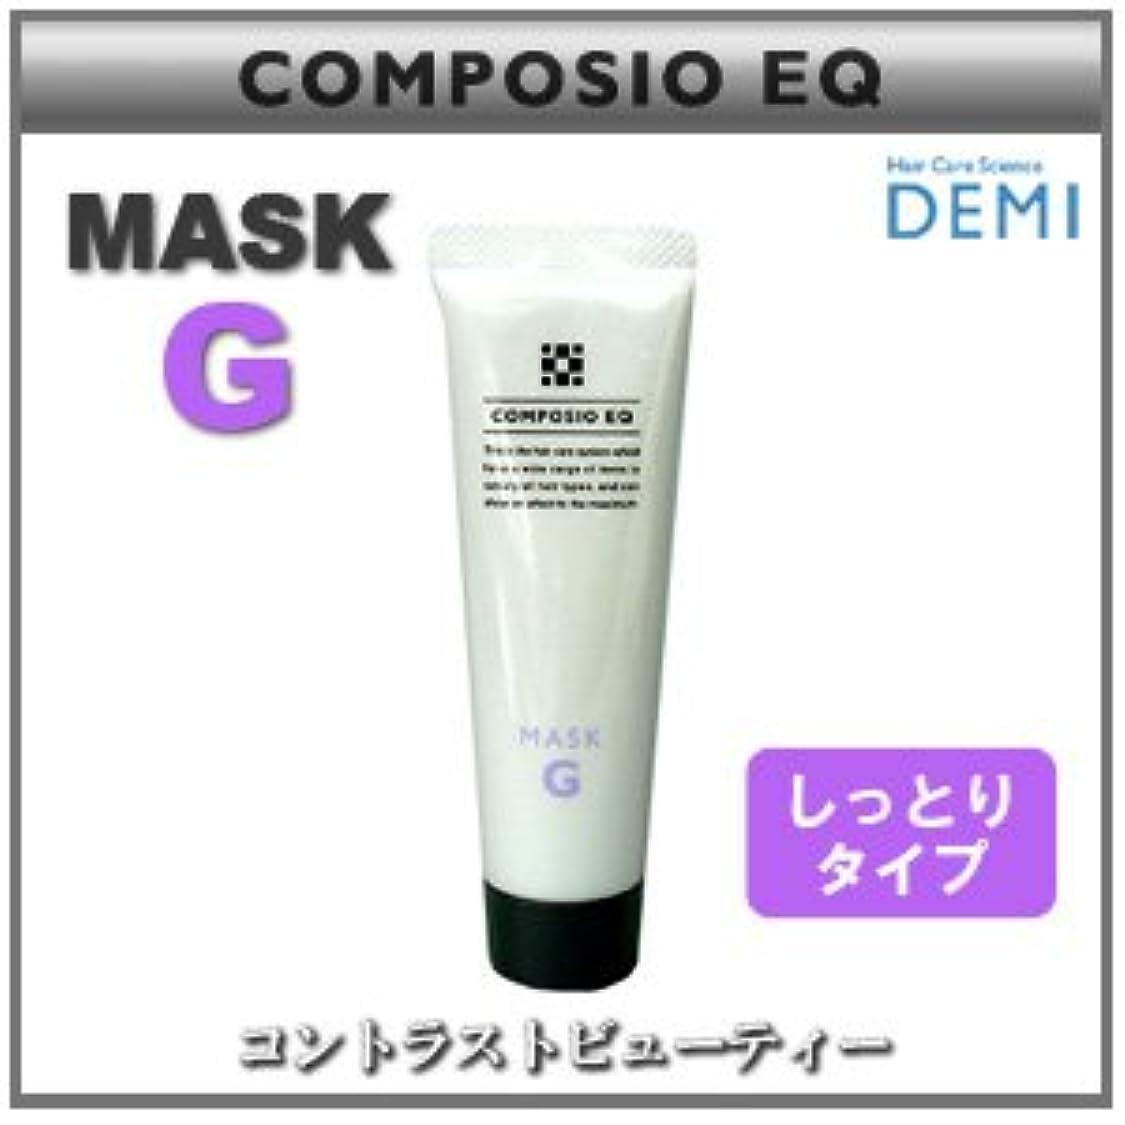 疎外本質的ではない大工【X2個セット】 デミ コンポジオ EQ マスク G 50g